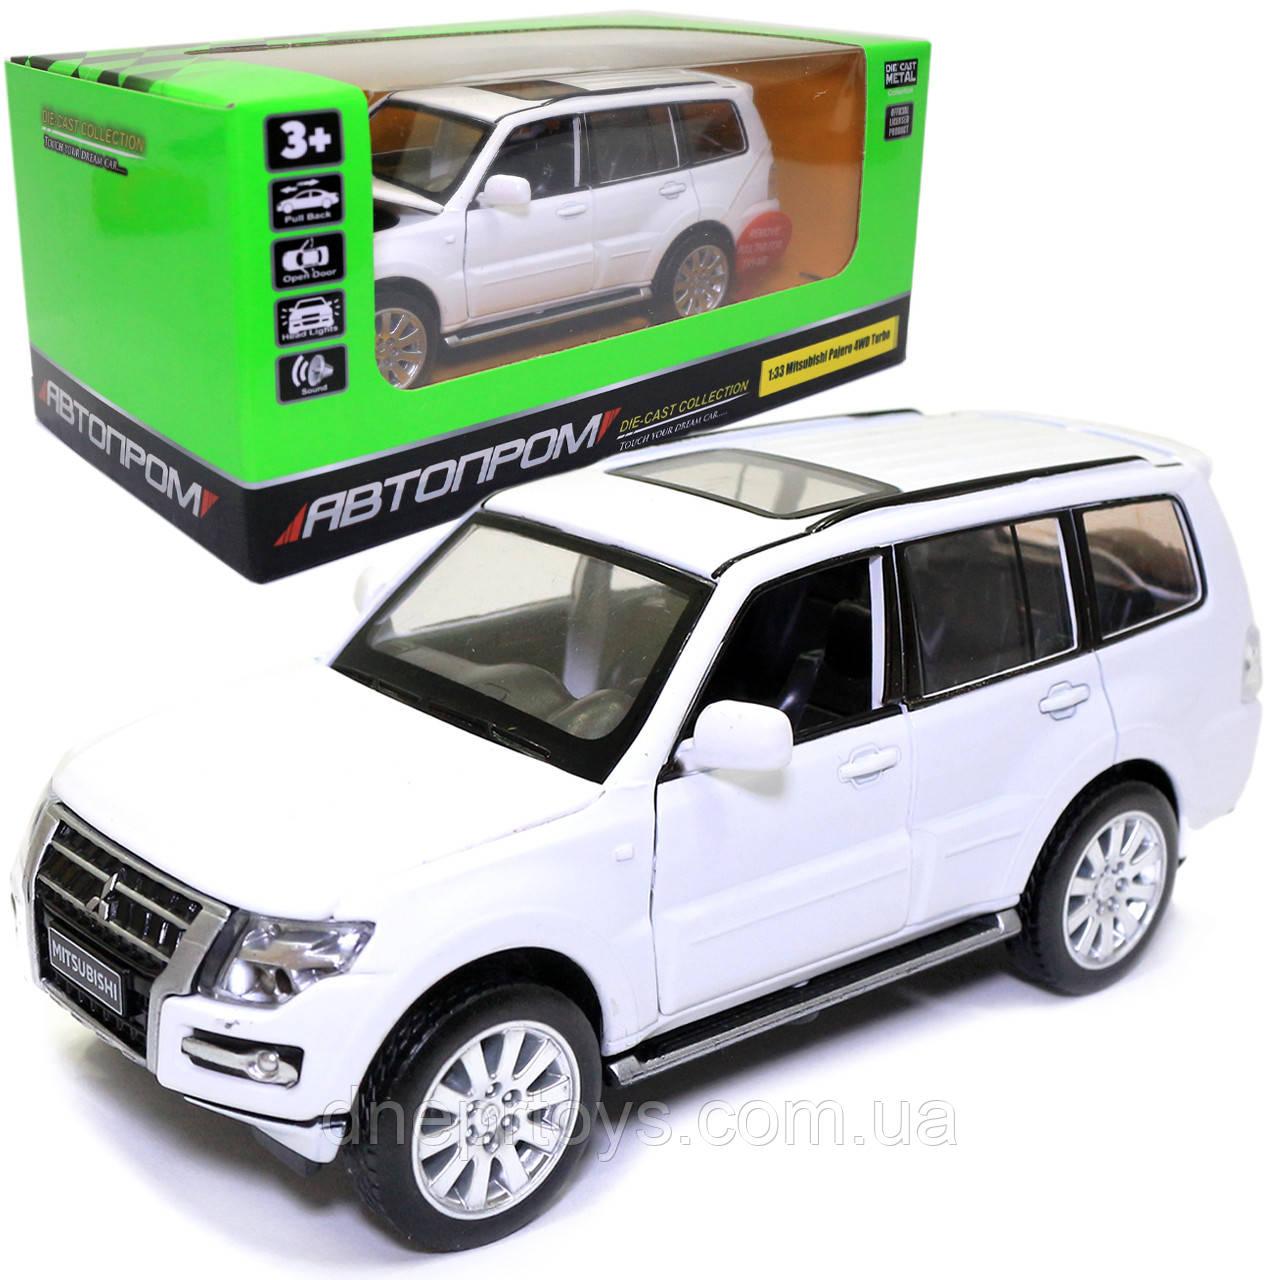 Іграшкова машинка металева «Mitsubishi Pajero 4WD Turbo» Автопром Мітсубісі, білий, 14*5*5 см, (68463)